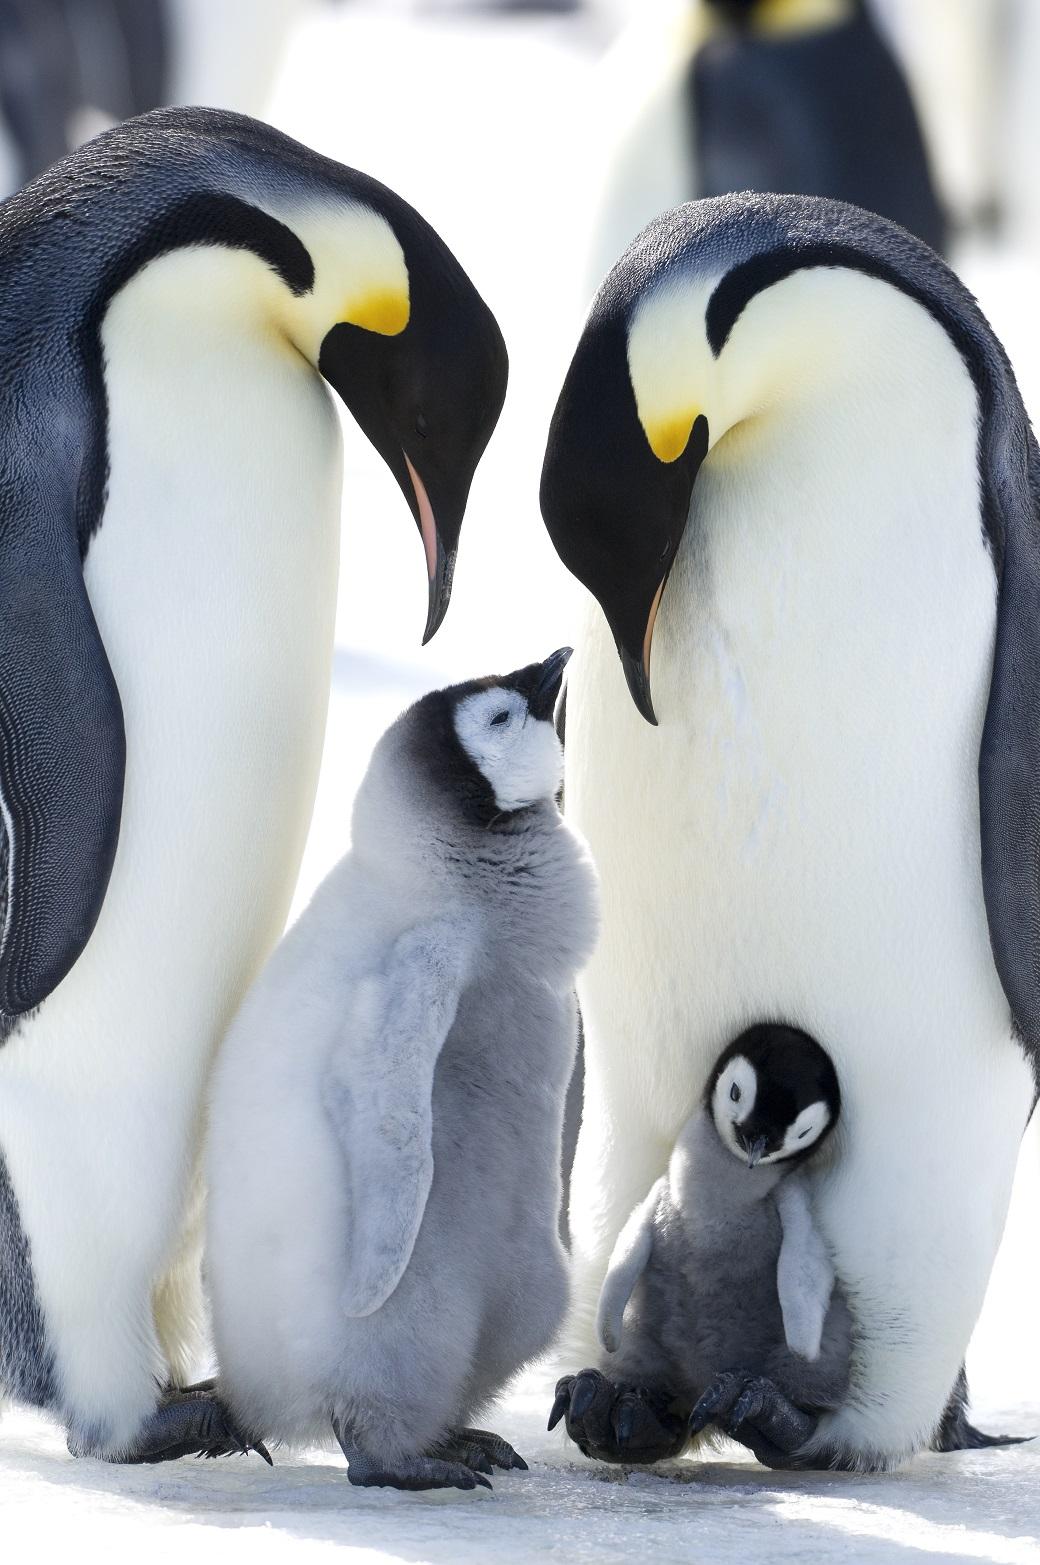 La marcia dei pinguini 2 il viaggio straordinario dell - Pinguini di natale immagini ...